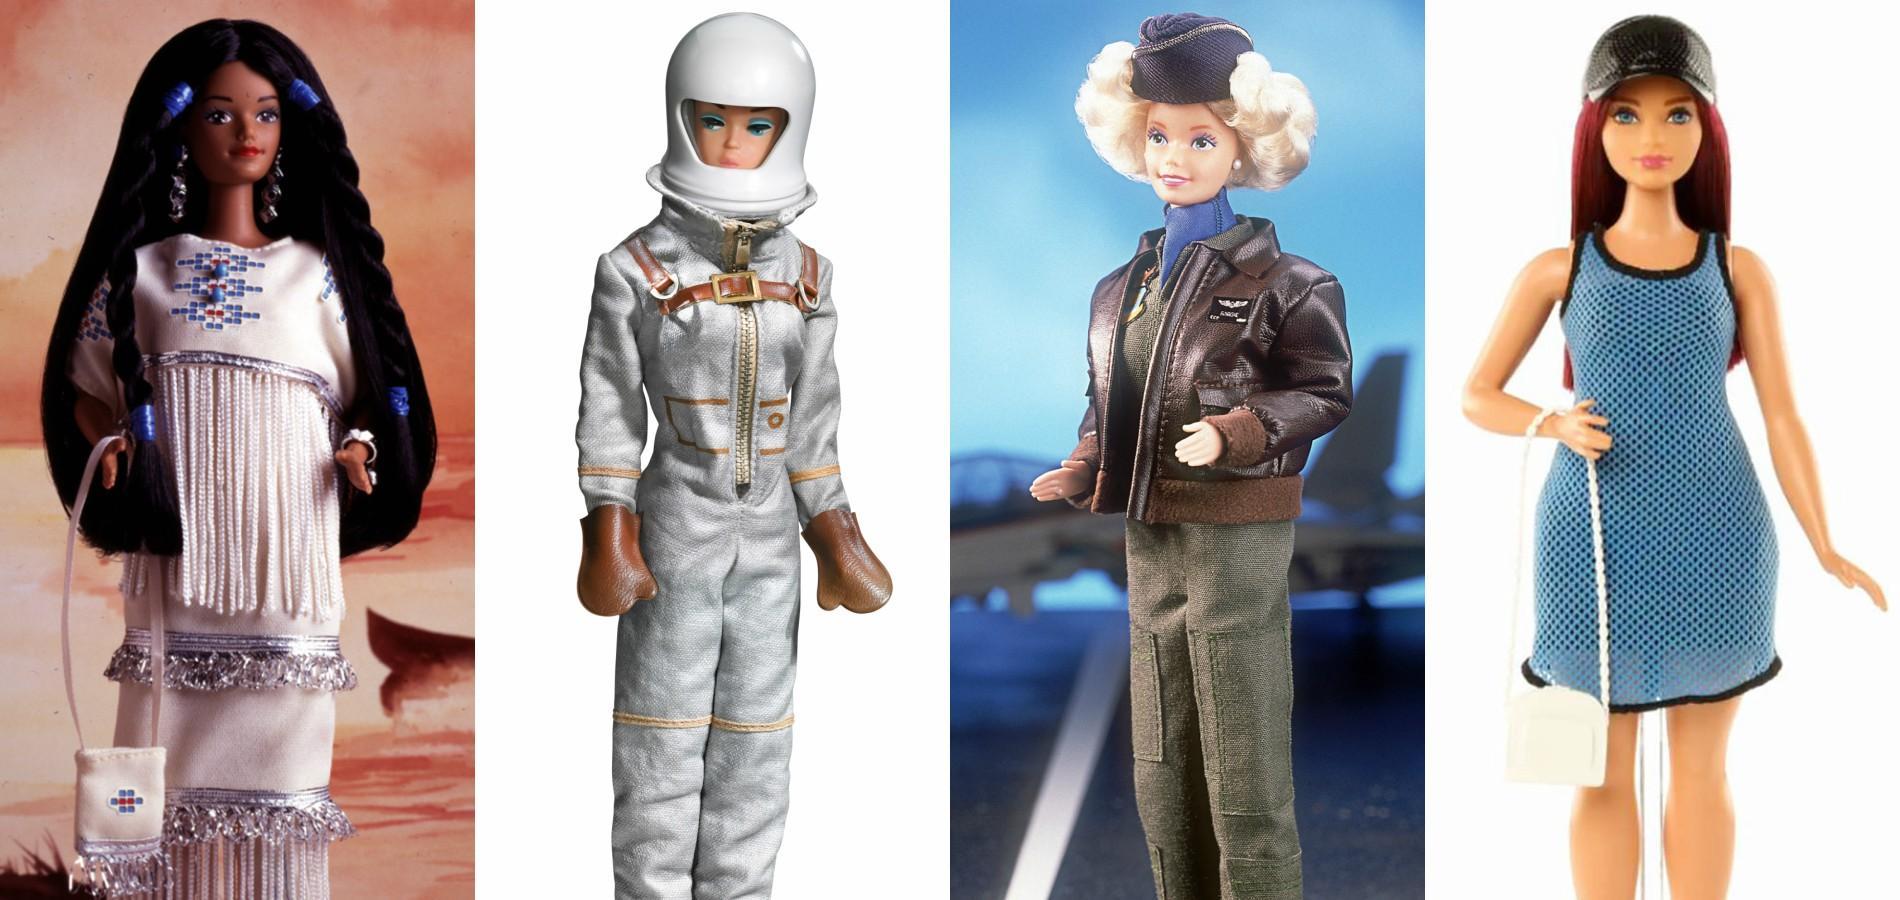 Poupée Barbie datant